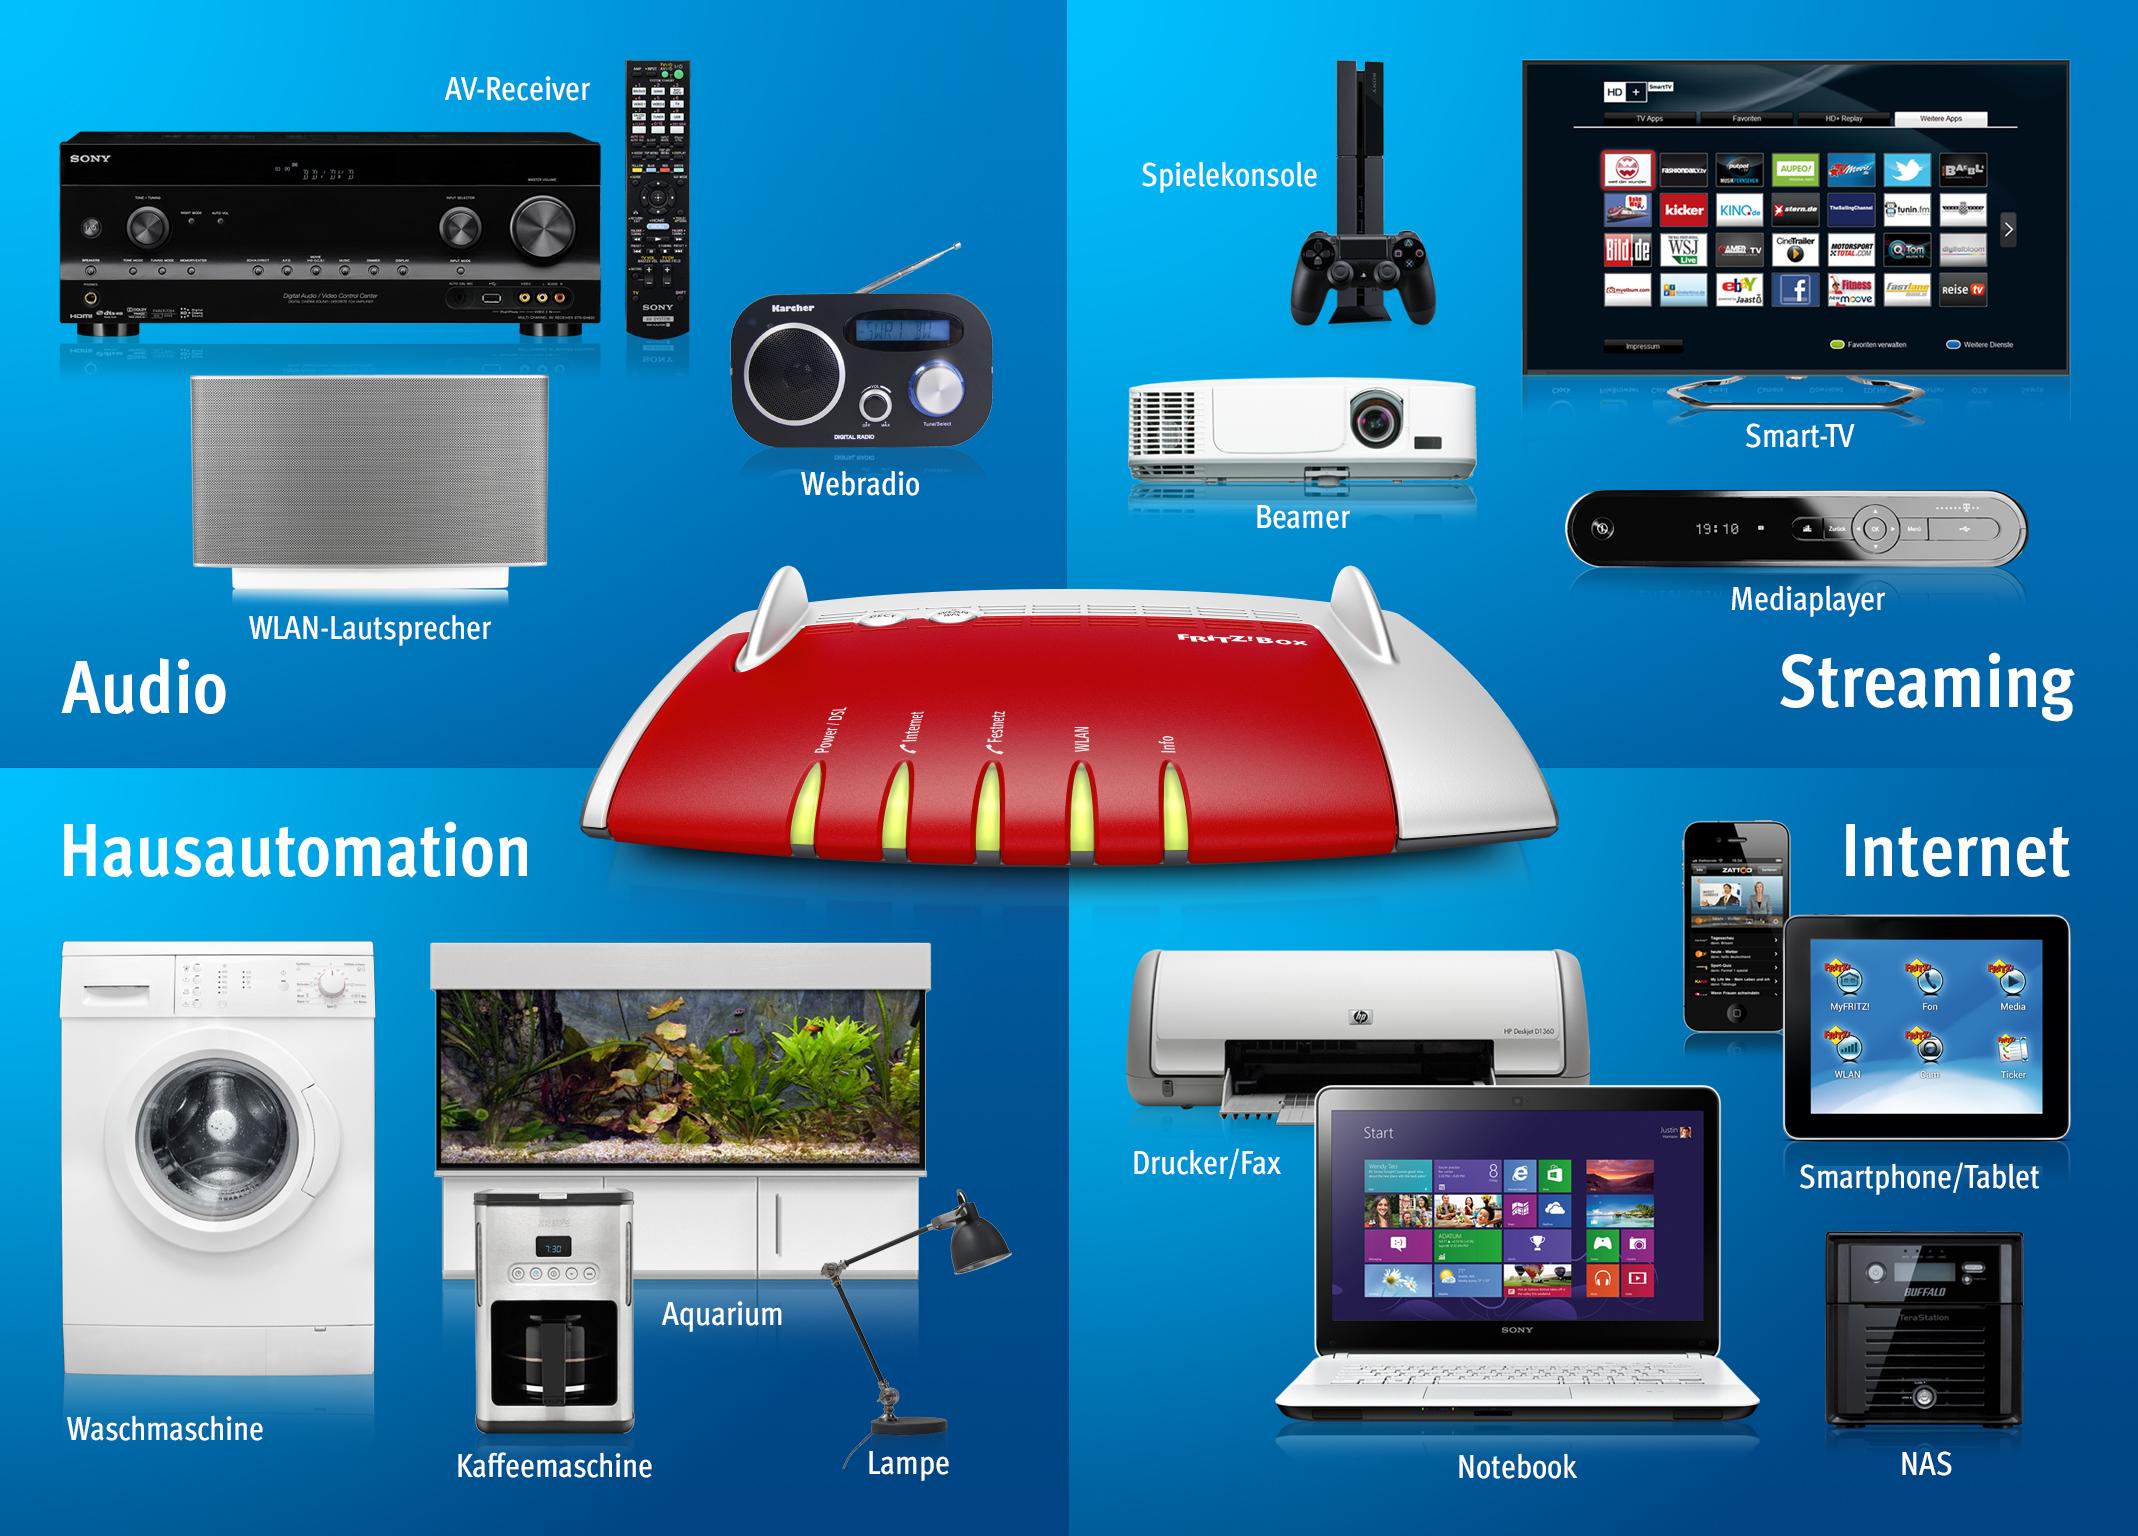 smart home mit fritz alles vernetzt von a bis z pressemitteilung avm gmbh. Black Bedroom Furniture Sets. Home Design Ideas